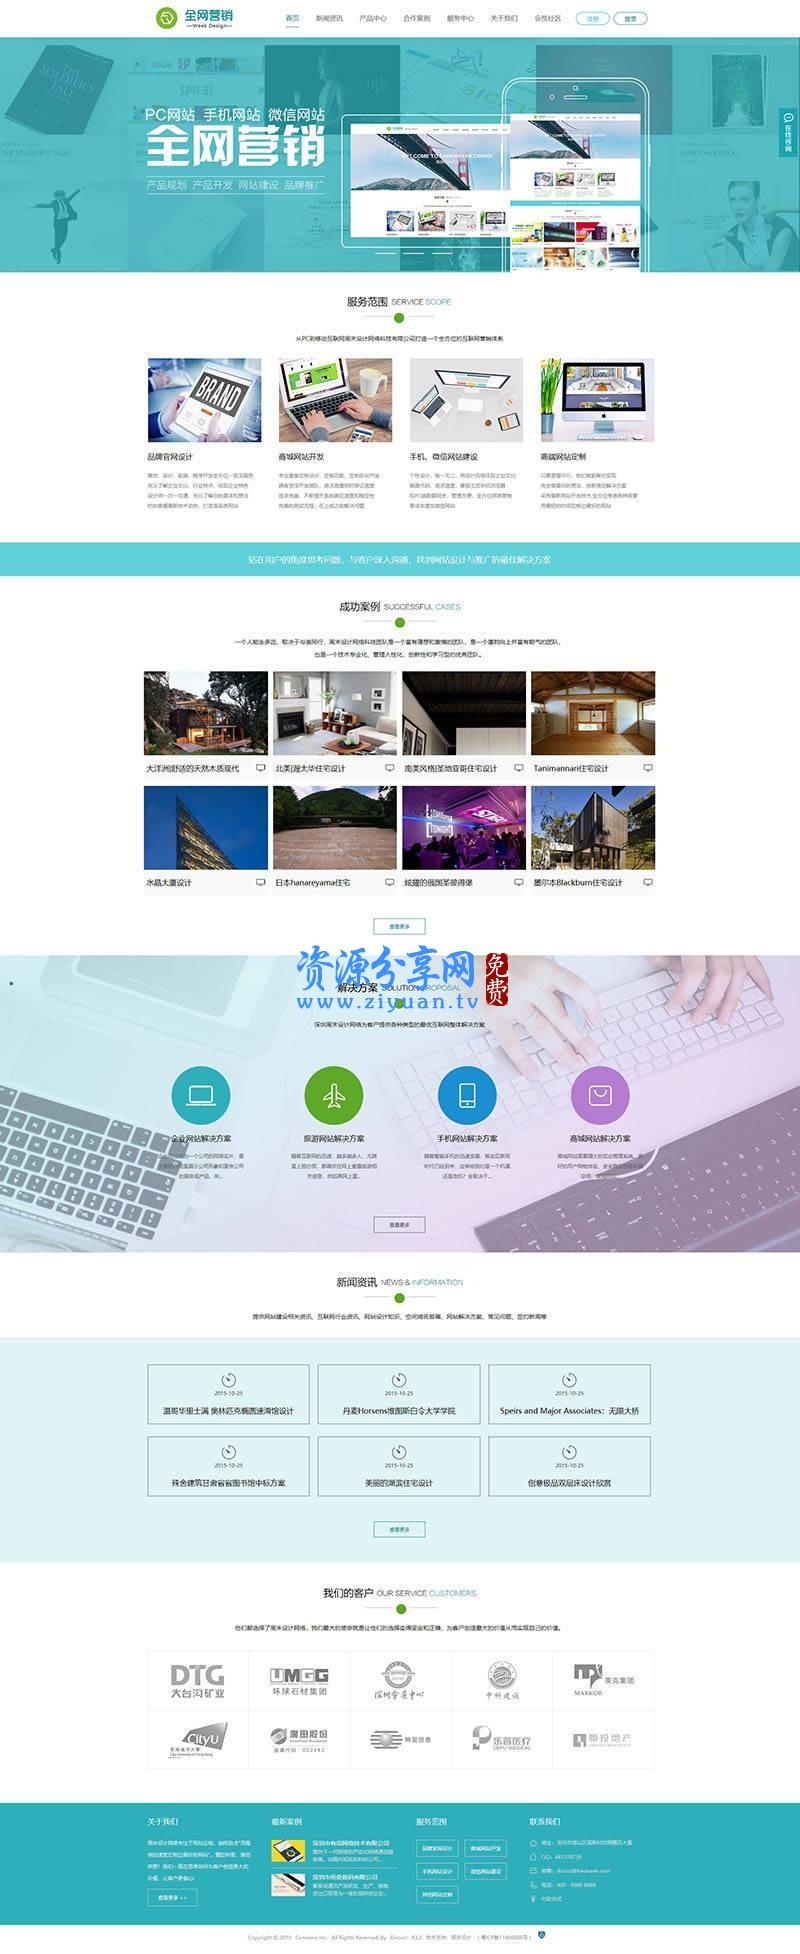 高端企业 _ 全网营销 商业版 V1.0